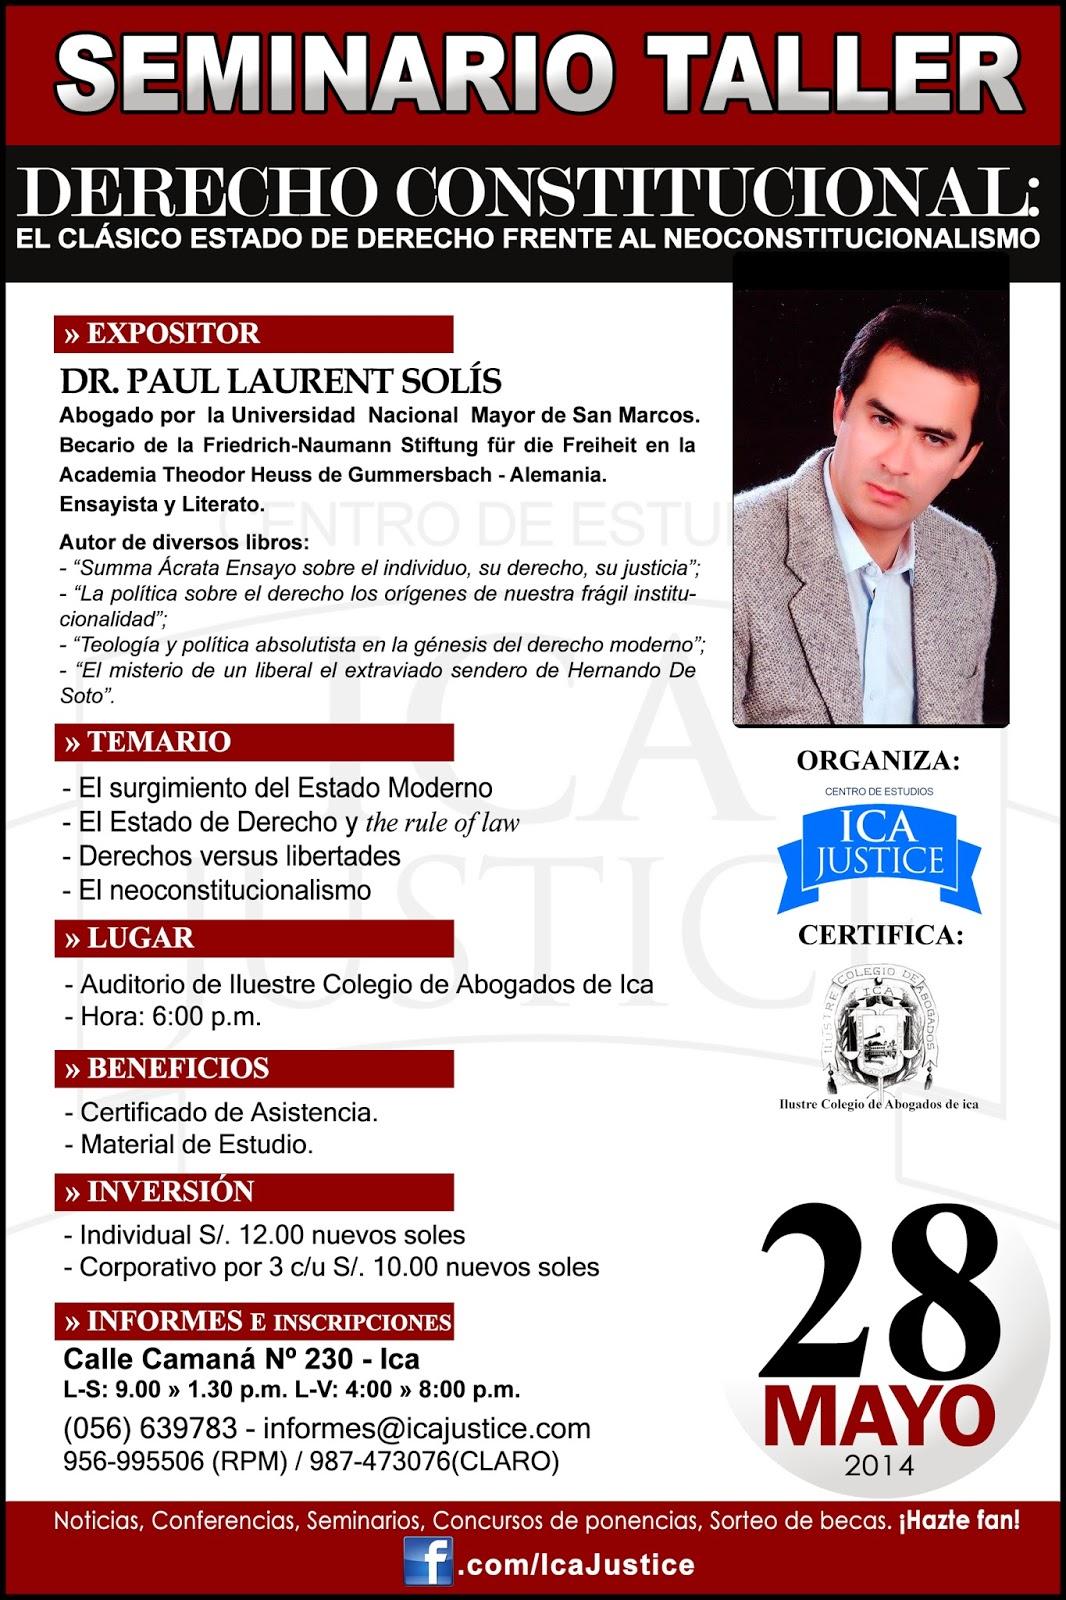 Seminario de Derecho Constitucional: Paul Laurent Solis